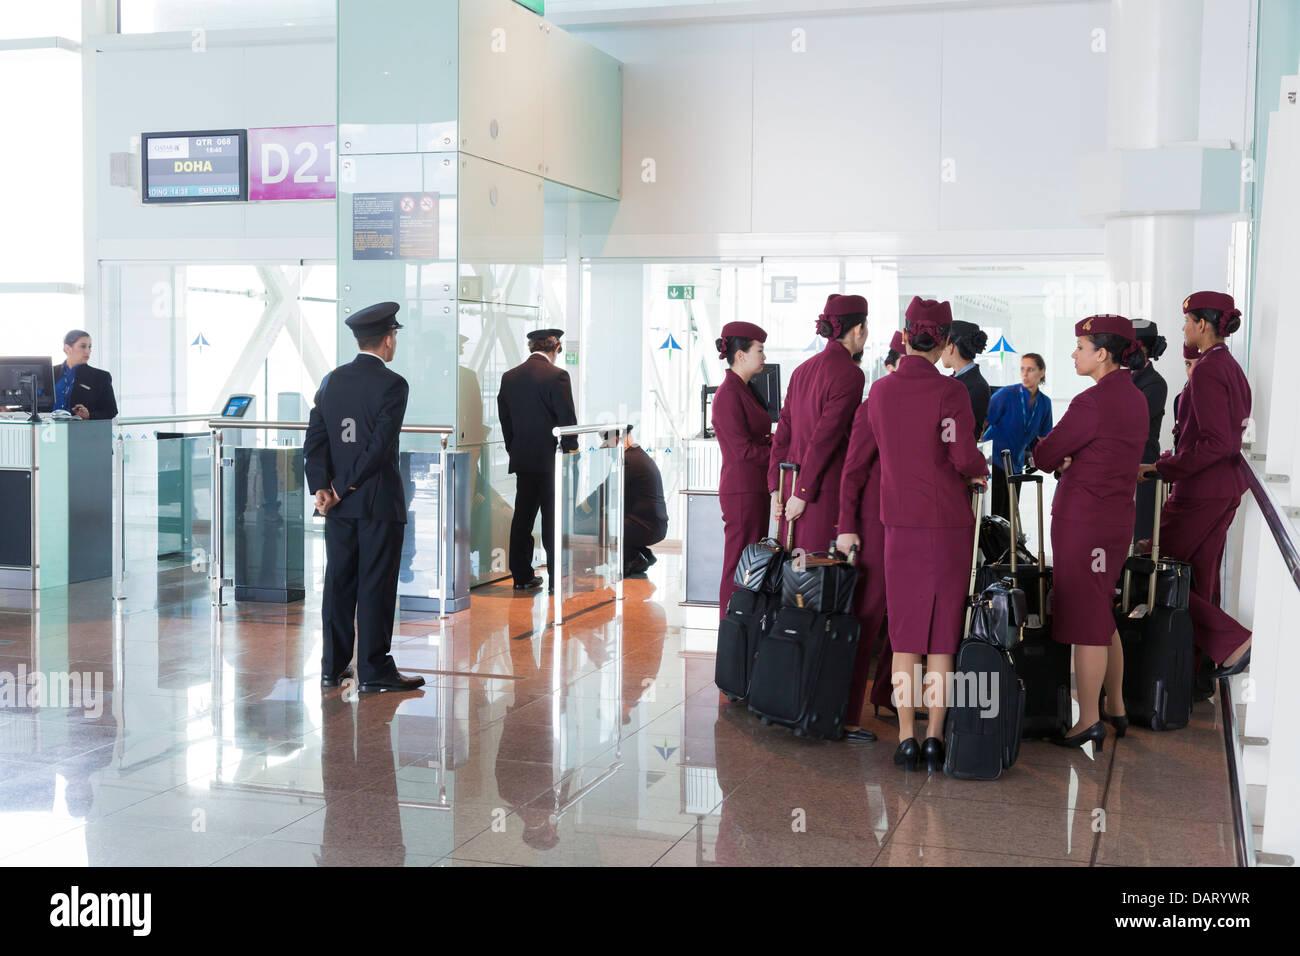 Qatar Airways i piloti e il personale di cabina in attesa in aeroporto gate di partenza. Immagini Stock